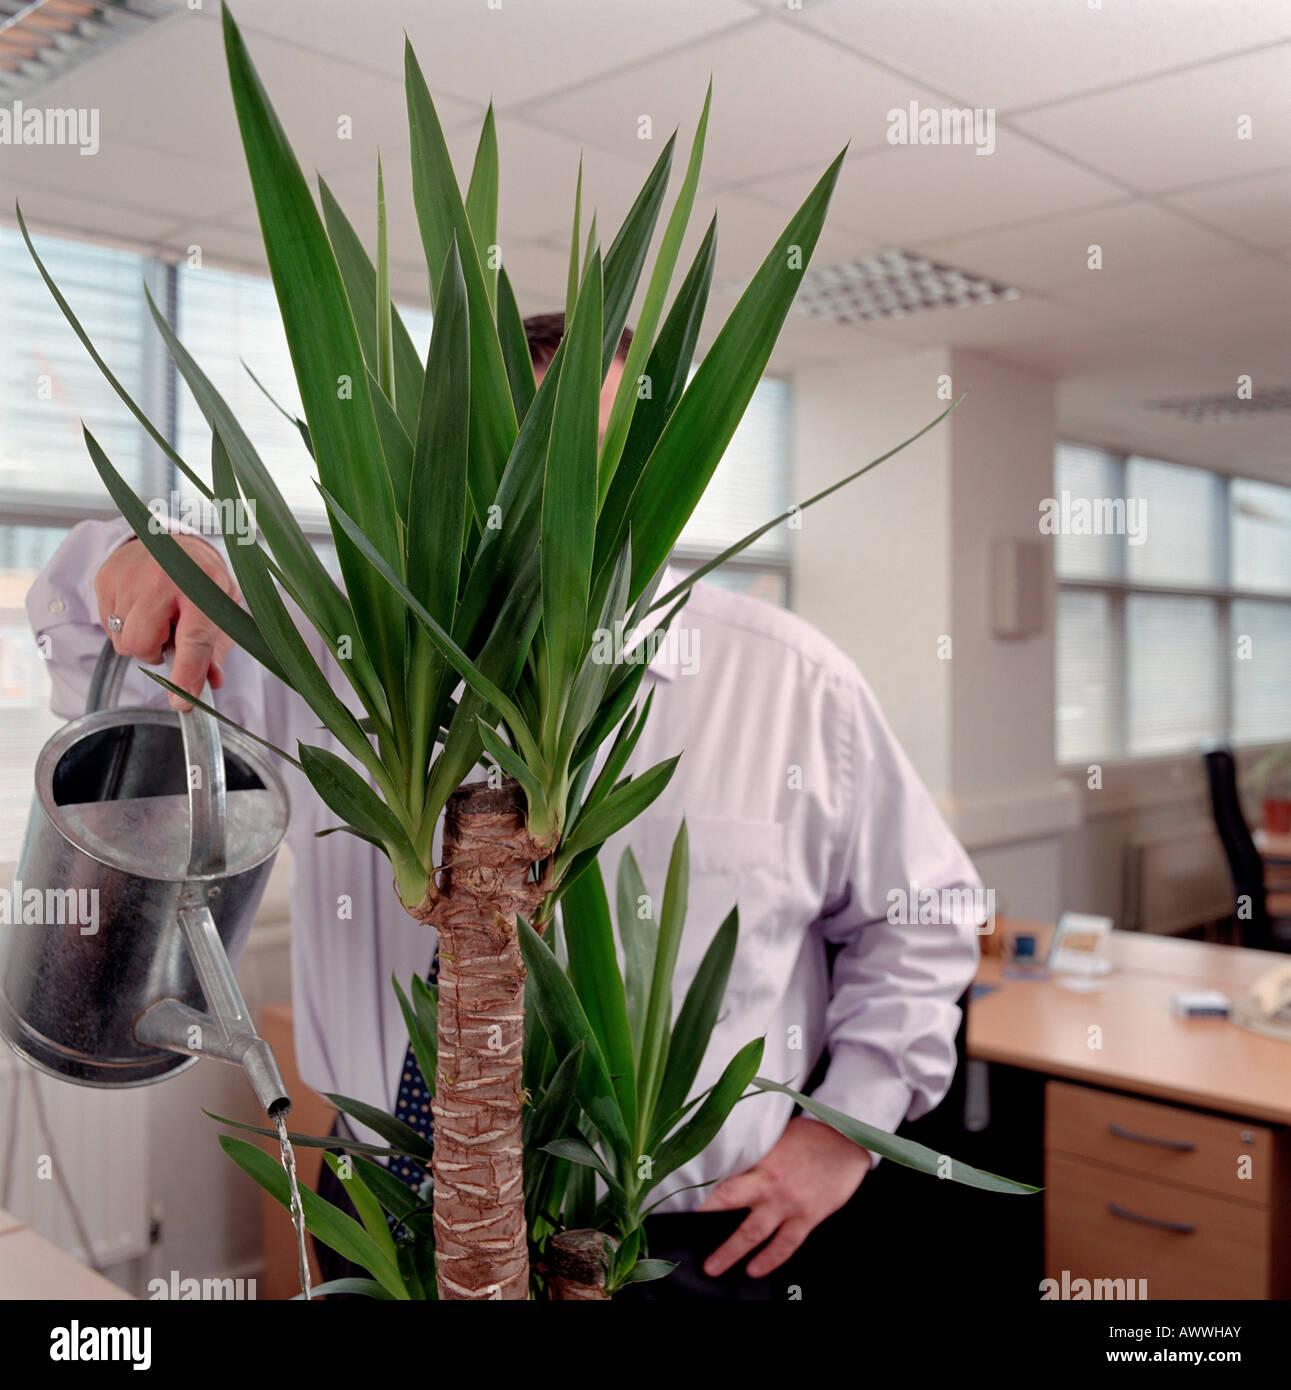 un homme d'arroser une plante en pot banque d'images, photo stock